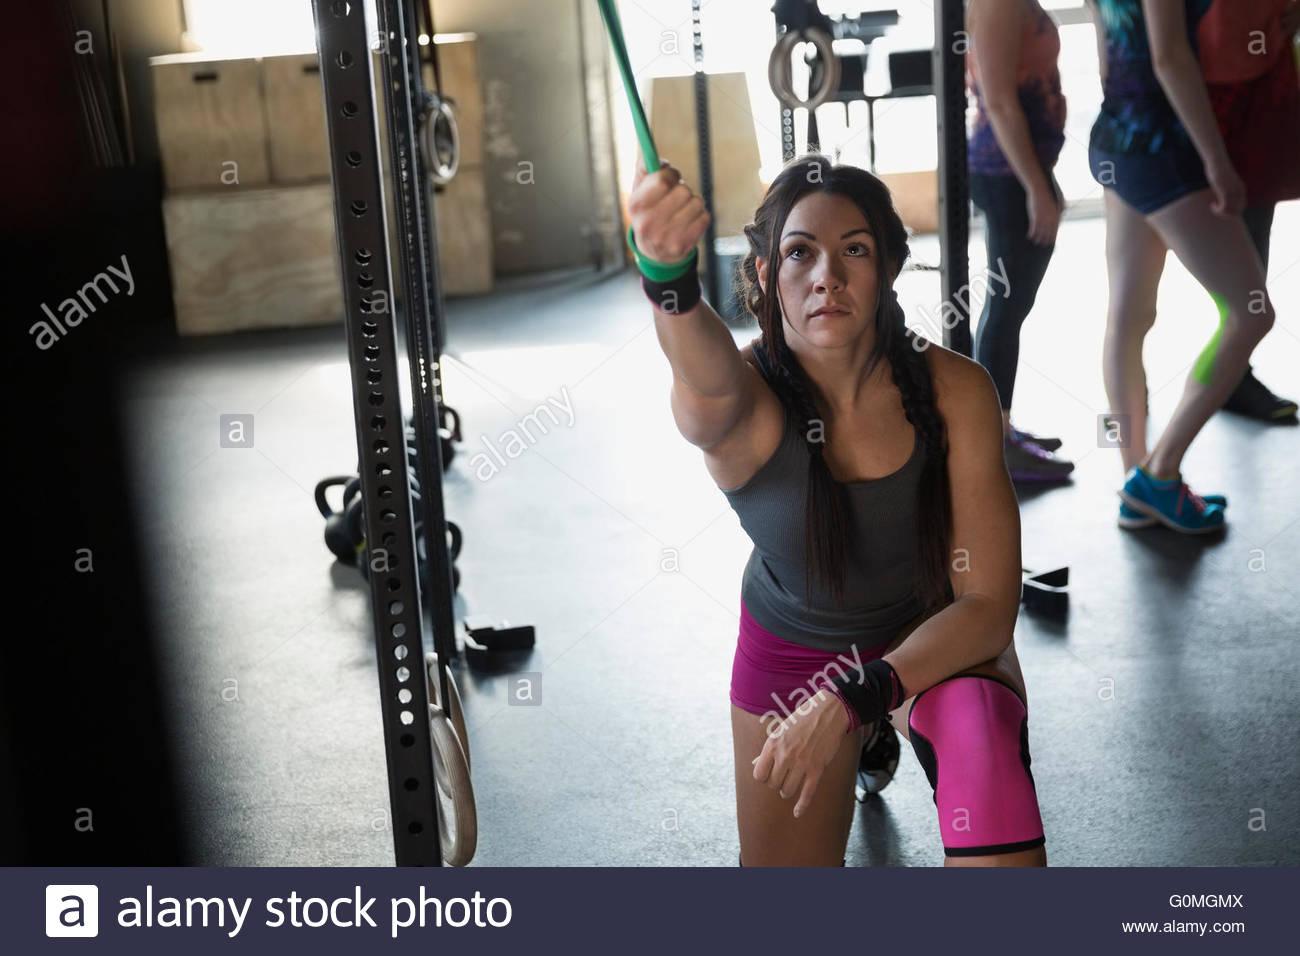 Femme à l'aide ciblée à gym bande de résistance Photo Stock